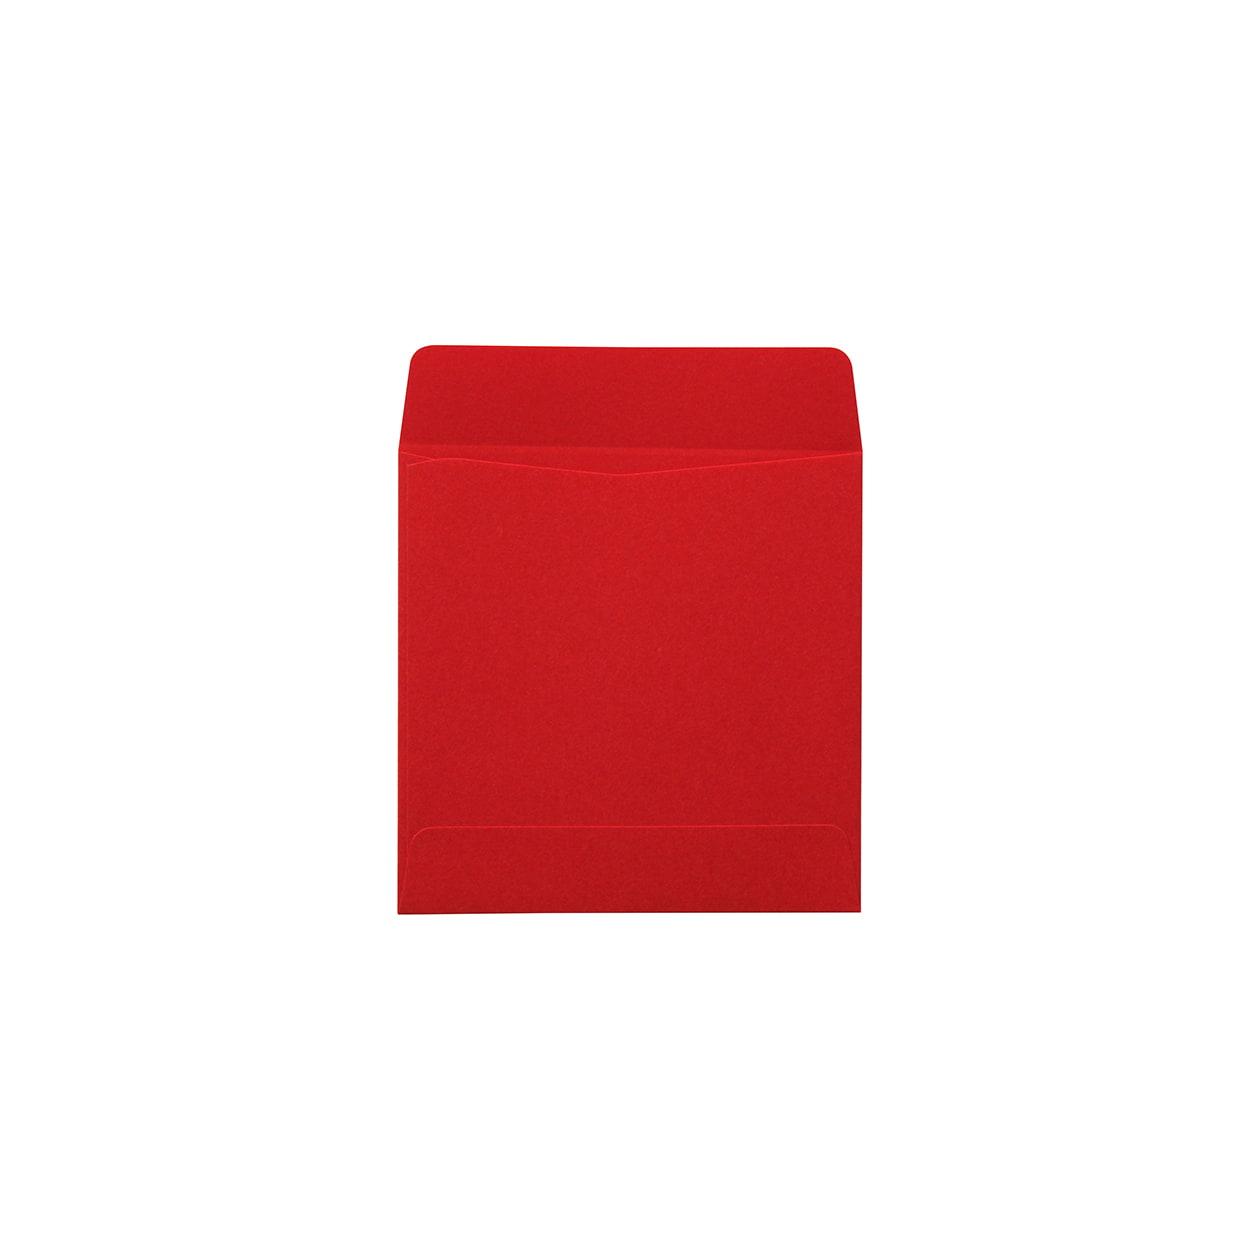 サンプル 封筒・袋 00142